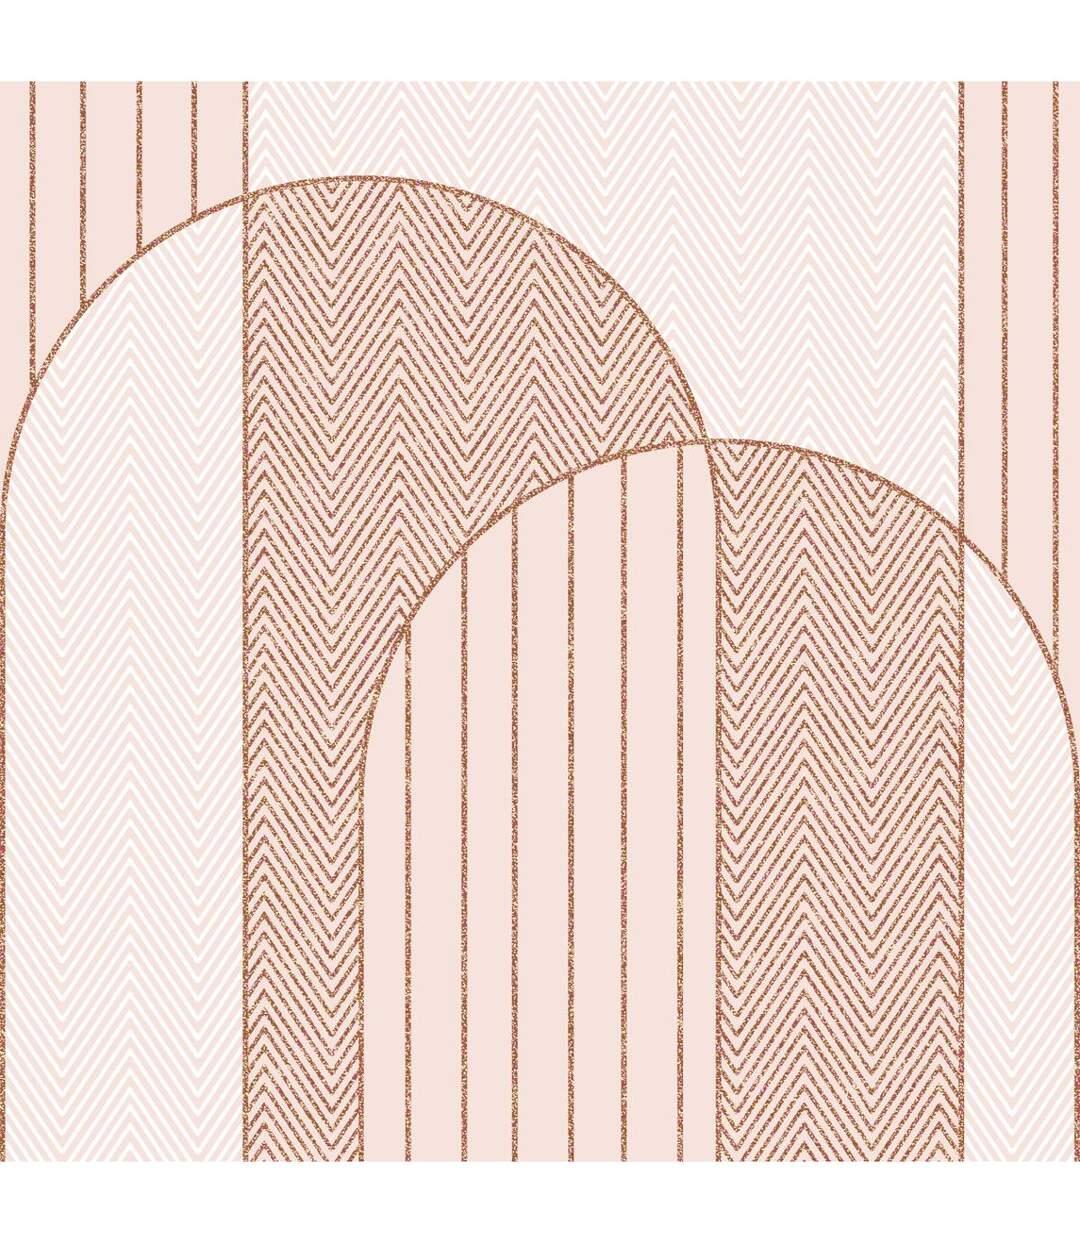 Atmosphera - Parure de lit 2 Personnes 240 x 220 cm Housse de couette avec 2 taies Imprimé Art déco géométrique